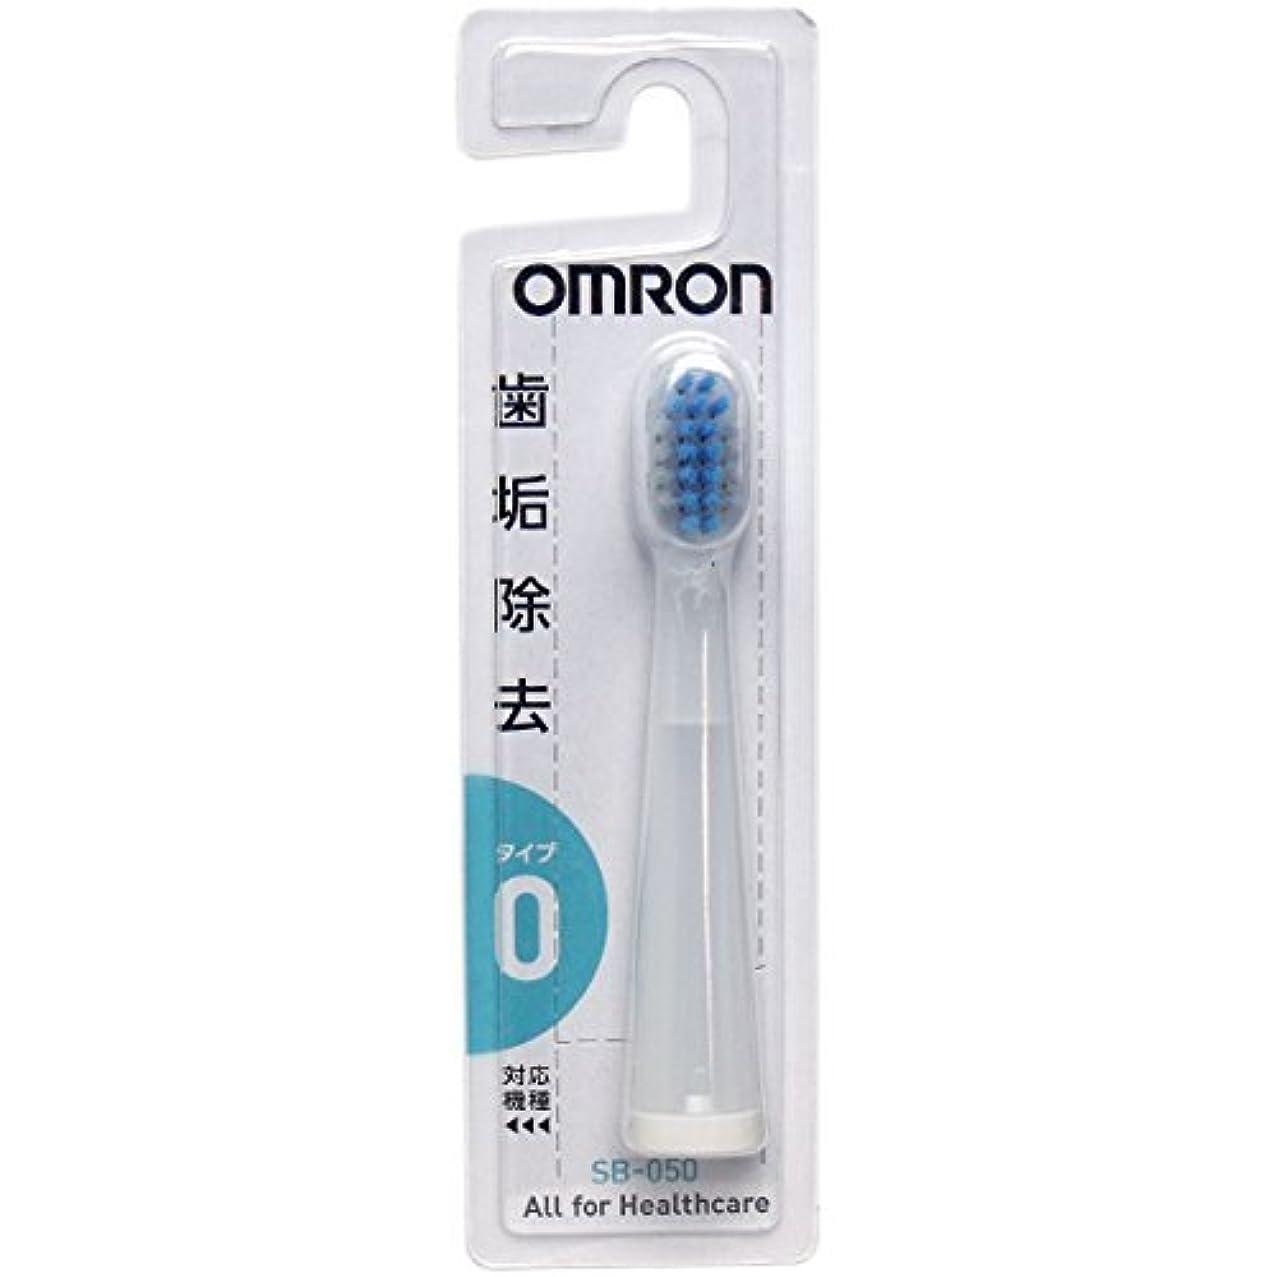 導出皮肉ドルオムロン 音波式電動歯ブラシ用 ダブルメリットブラシ 1個入 SB-050